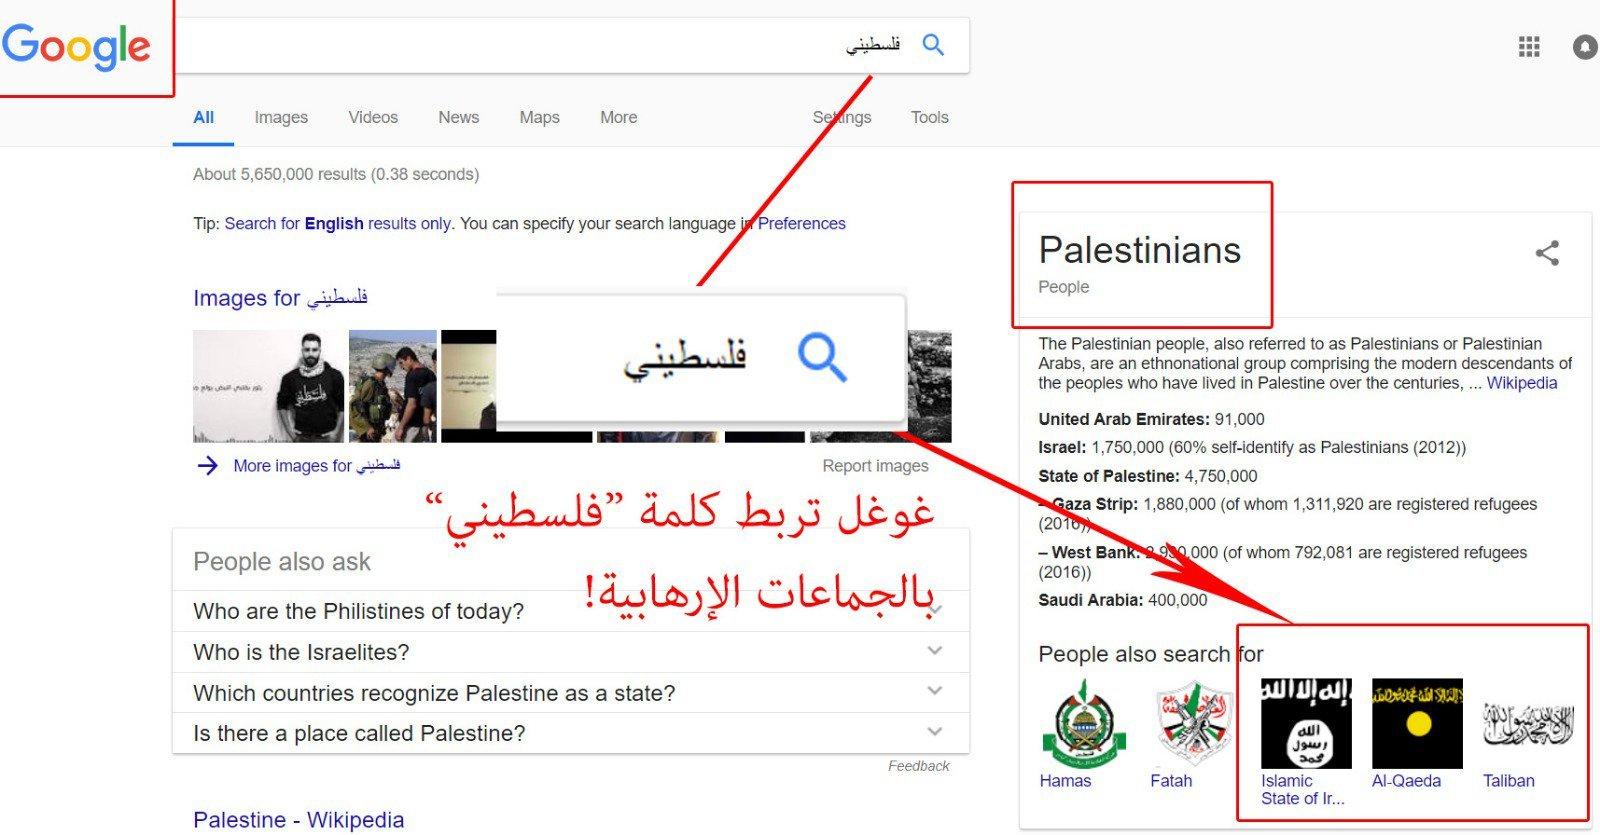 غوغل تربط كلمة فلسطيني بالجماعات الإرهابية